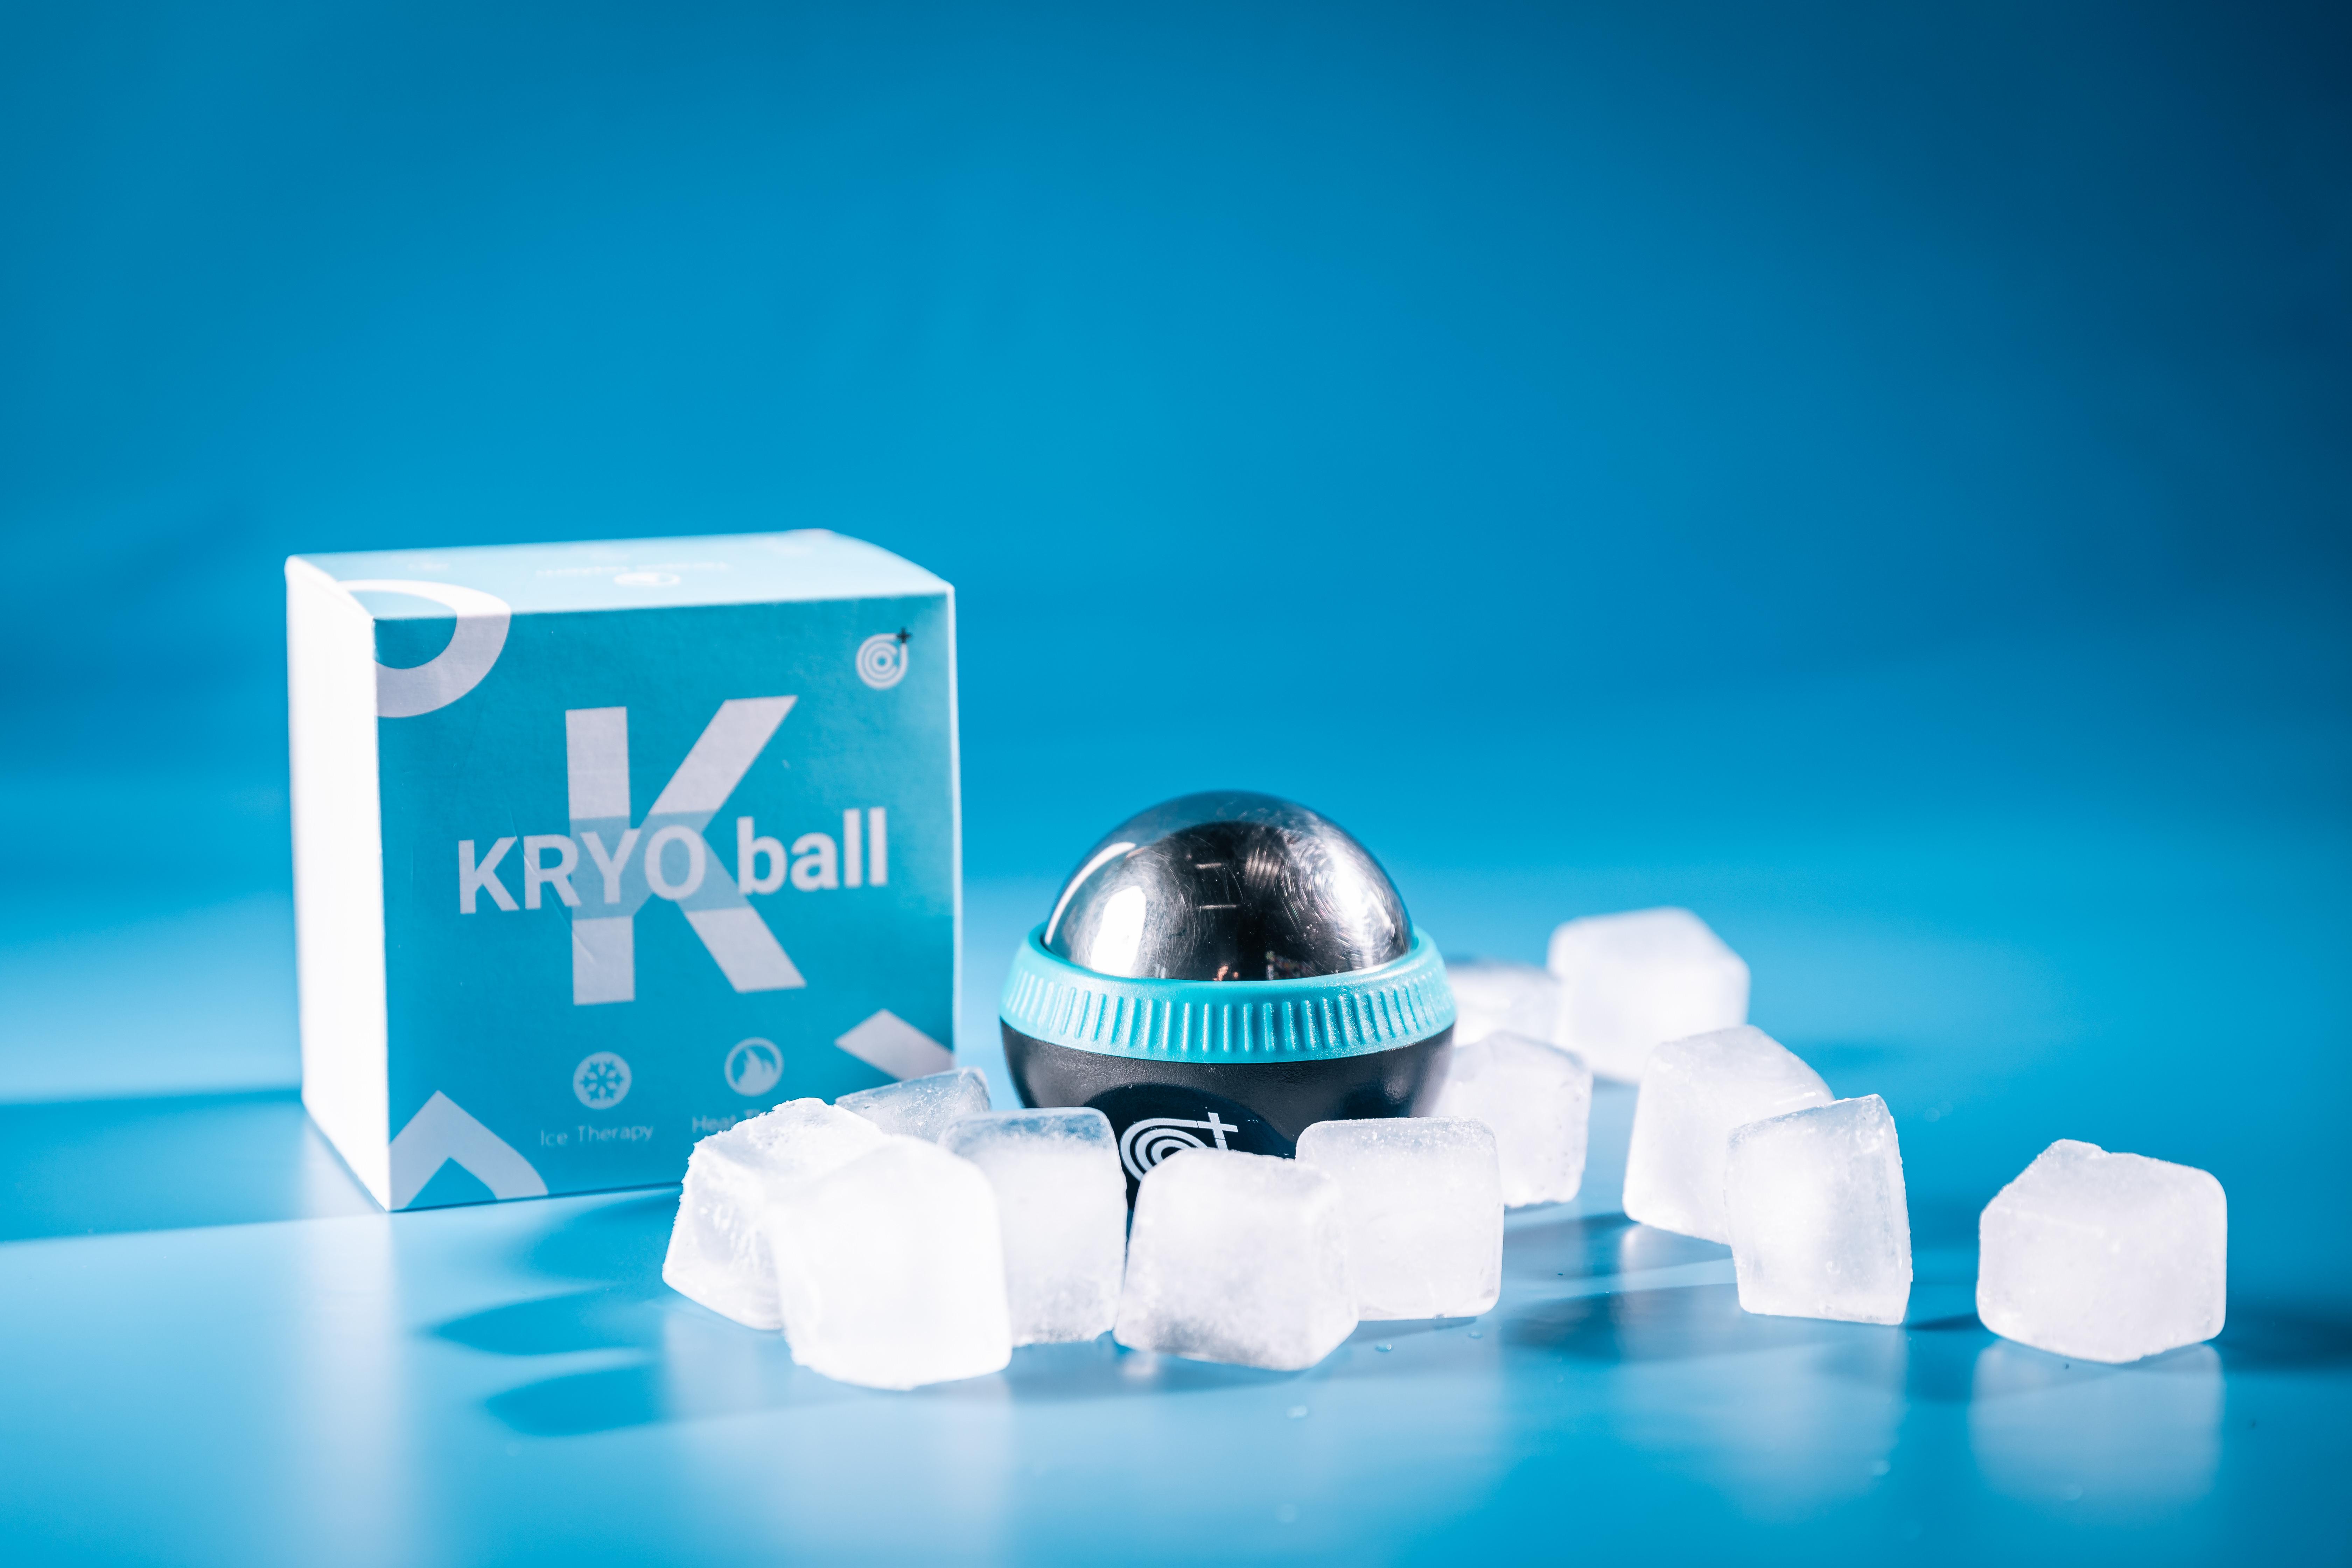 KryoBall